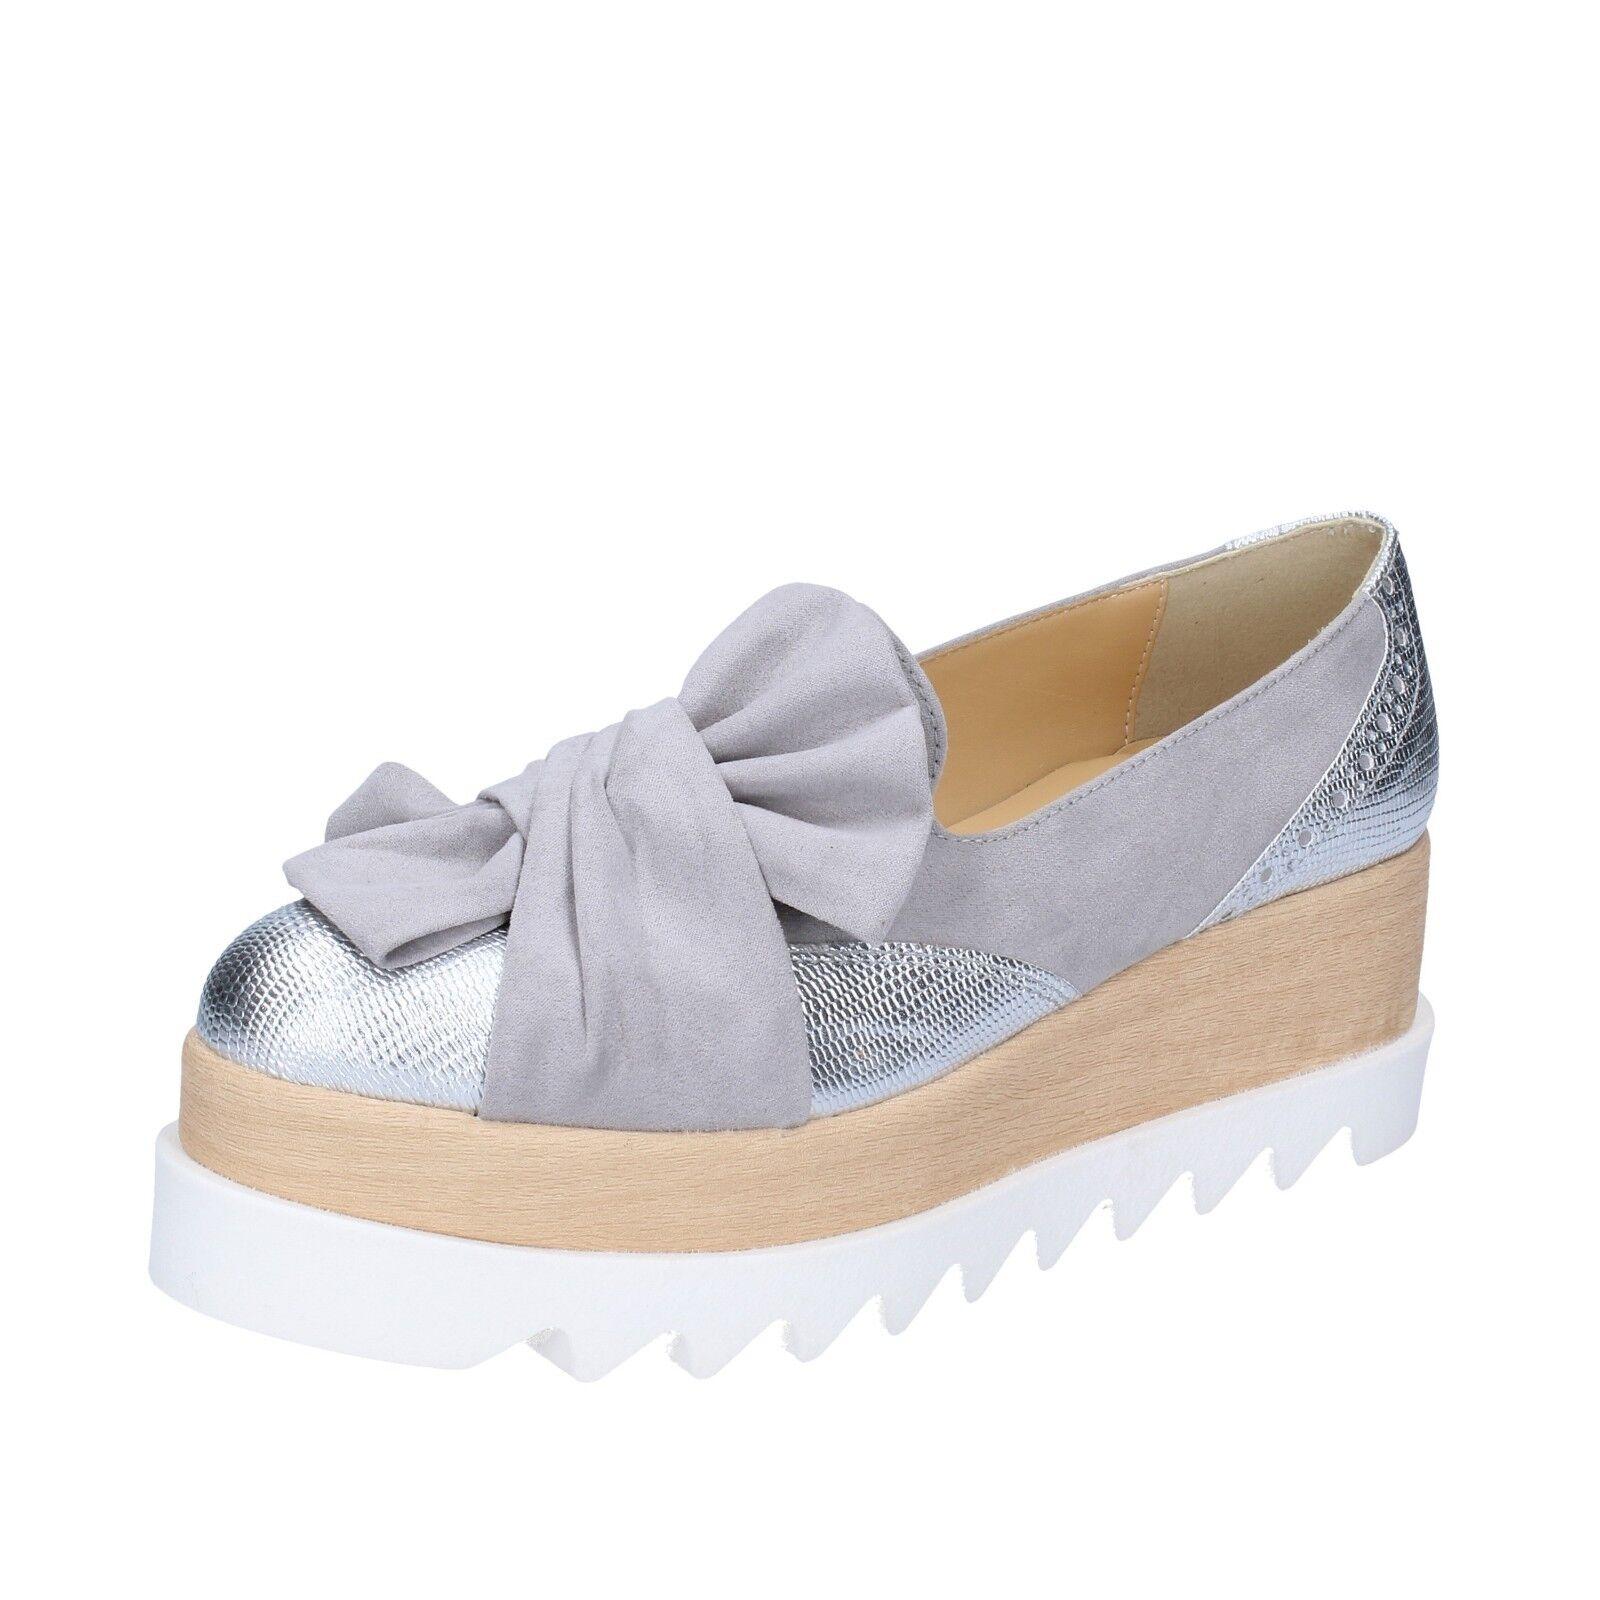 Para mujeres mujeres mujeres Zapatos Olga Rubini 2 (EU 35) Resbalón En gris Plata BS113-35 de cuero de gamuza  caliente